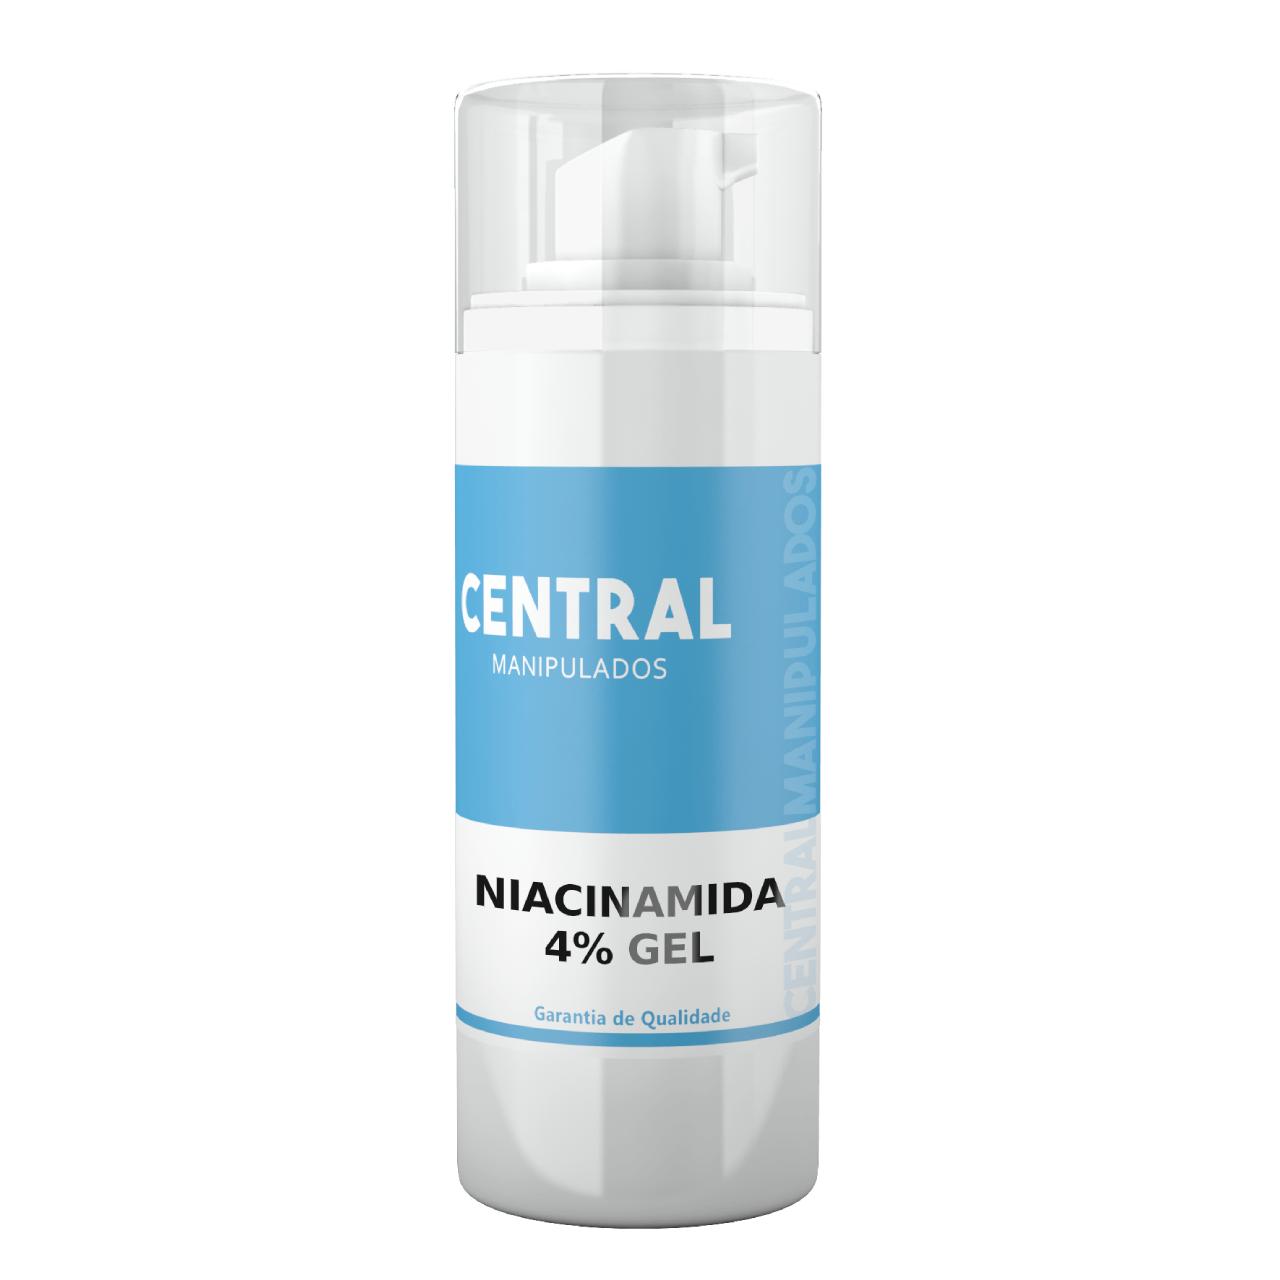 Niacinamida 5% Creme 30g - Ação Antienvelhecimento, uniformidade da pele, ação anti-inflamatória, que ajuda a combater a acne